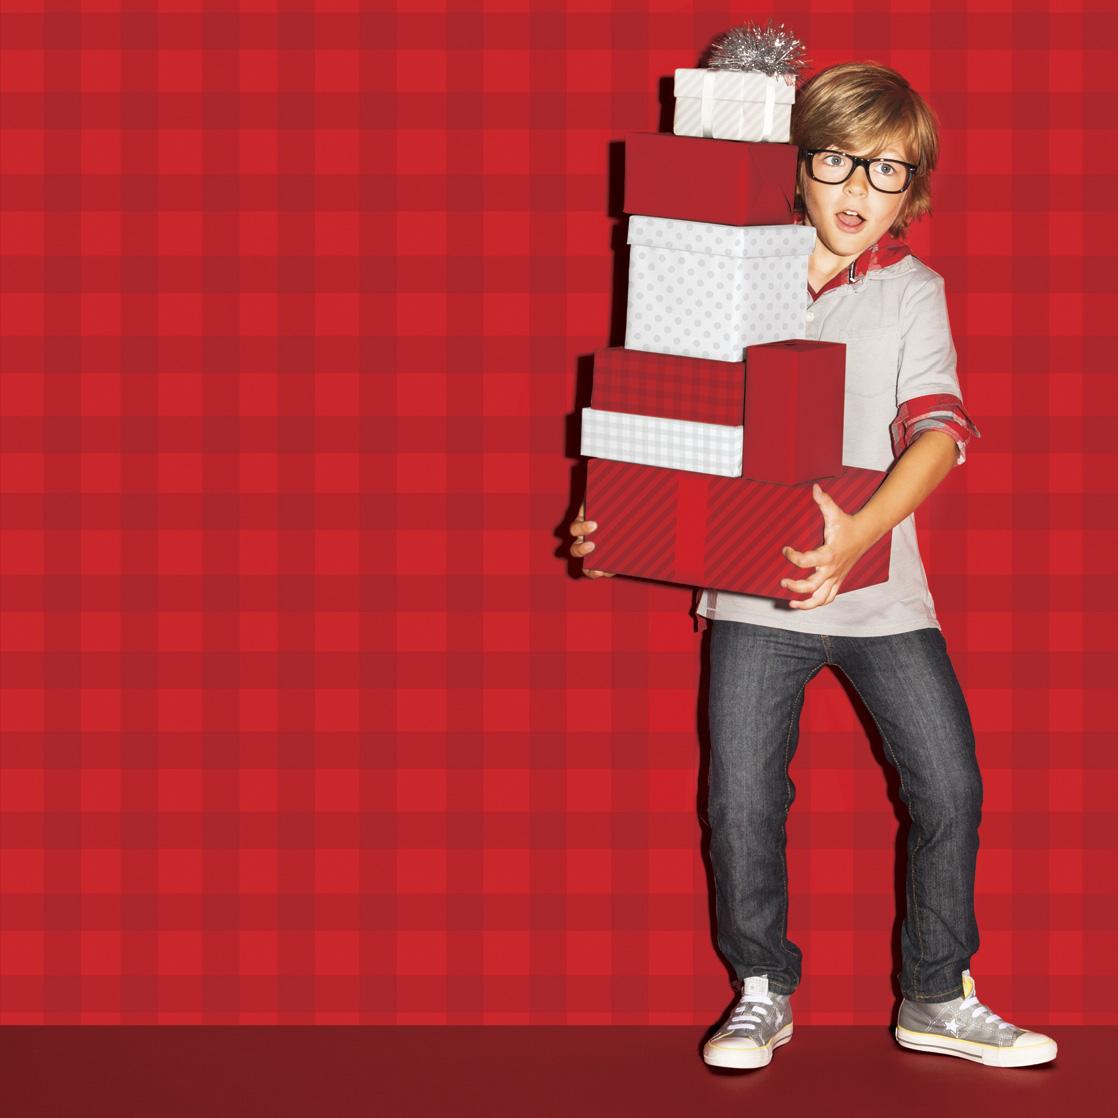 SCRN_Boy_Packages.jpg